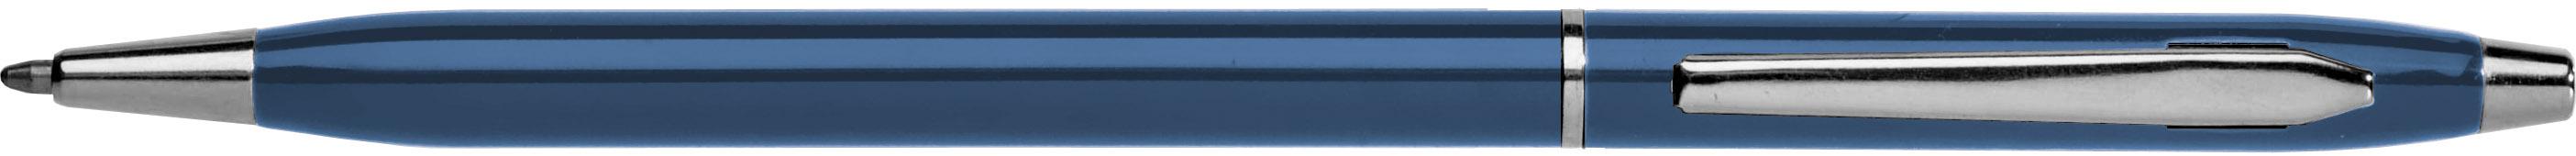 Ручка подар. EK Incanto NT-110 поворотная, корп. синий метал